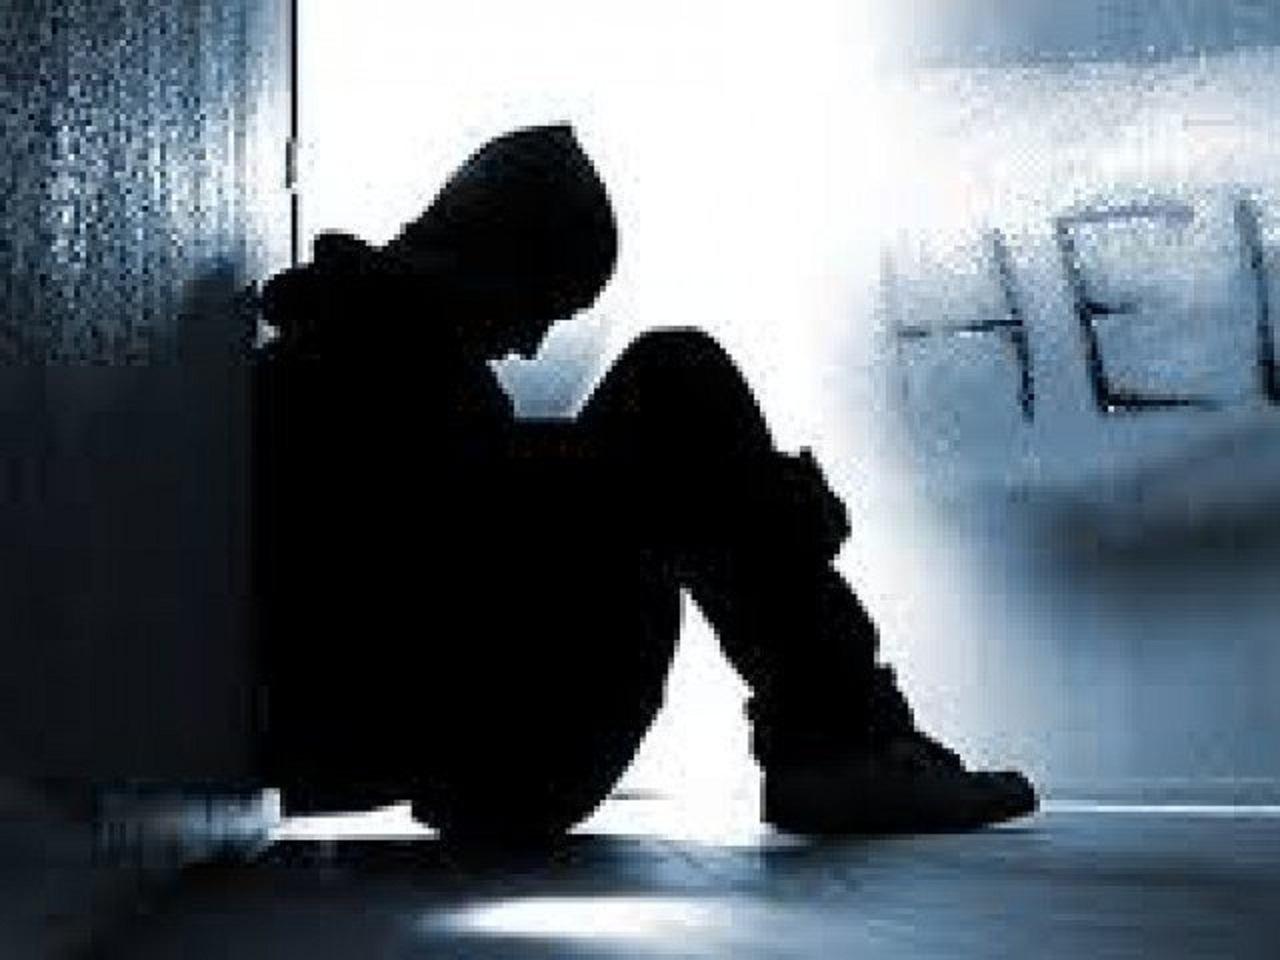 सोशल मीडिया एप पर प्रॉब्लम शेयर करने वाले छात्र ने की आत्महत्या